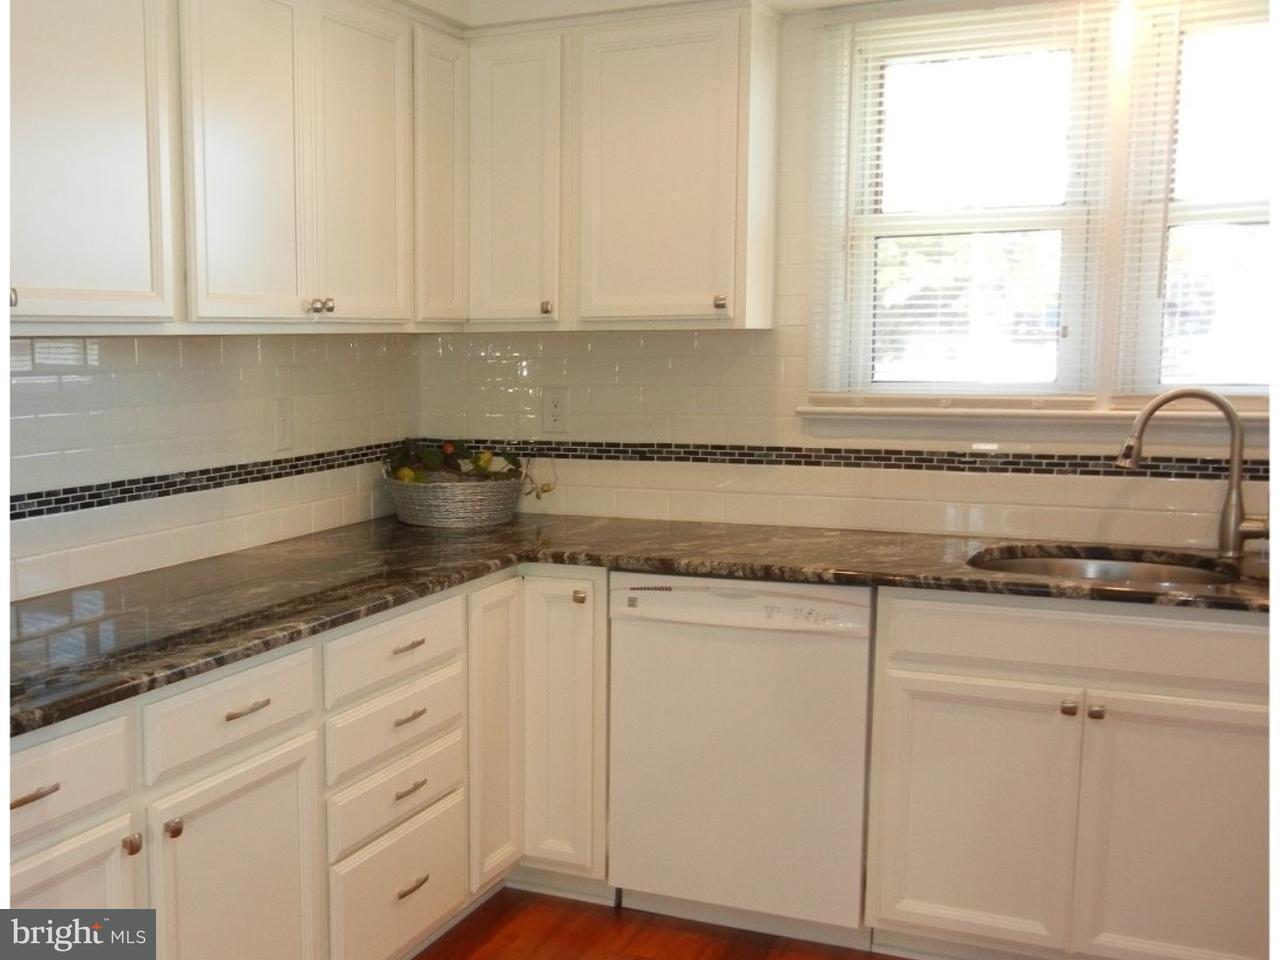 Частный односемейный дом для того Продажа на 30 BRAISINGTON Avenue Bellmawr, Нью-Джерси 08031 Соединенные Штаты